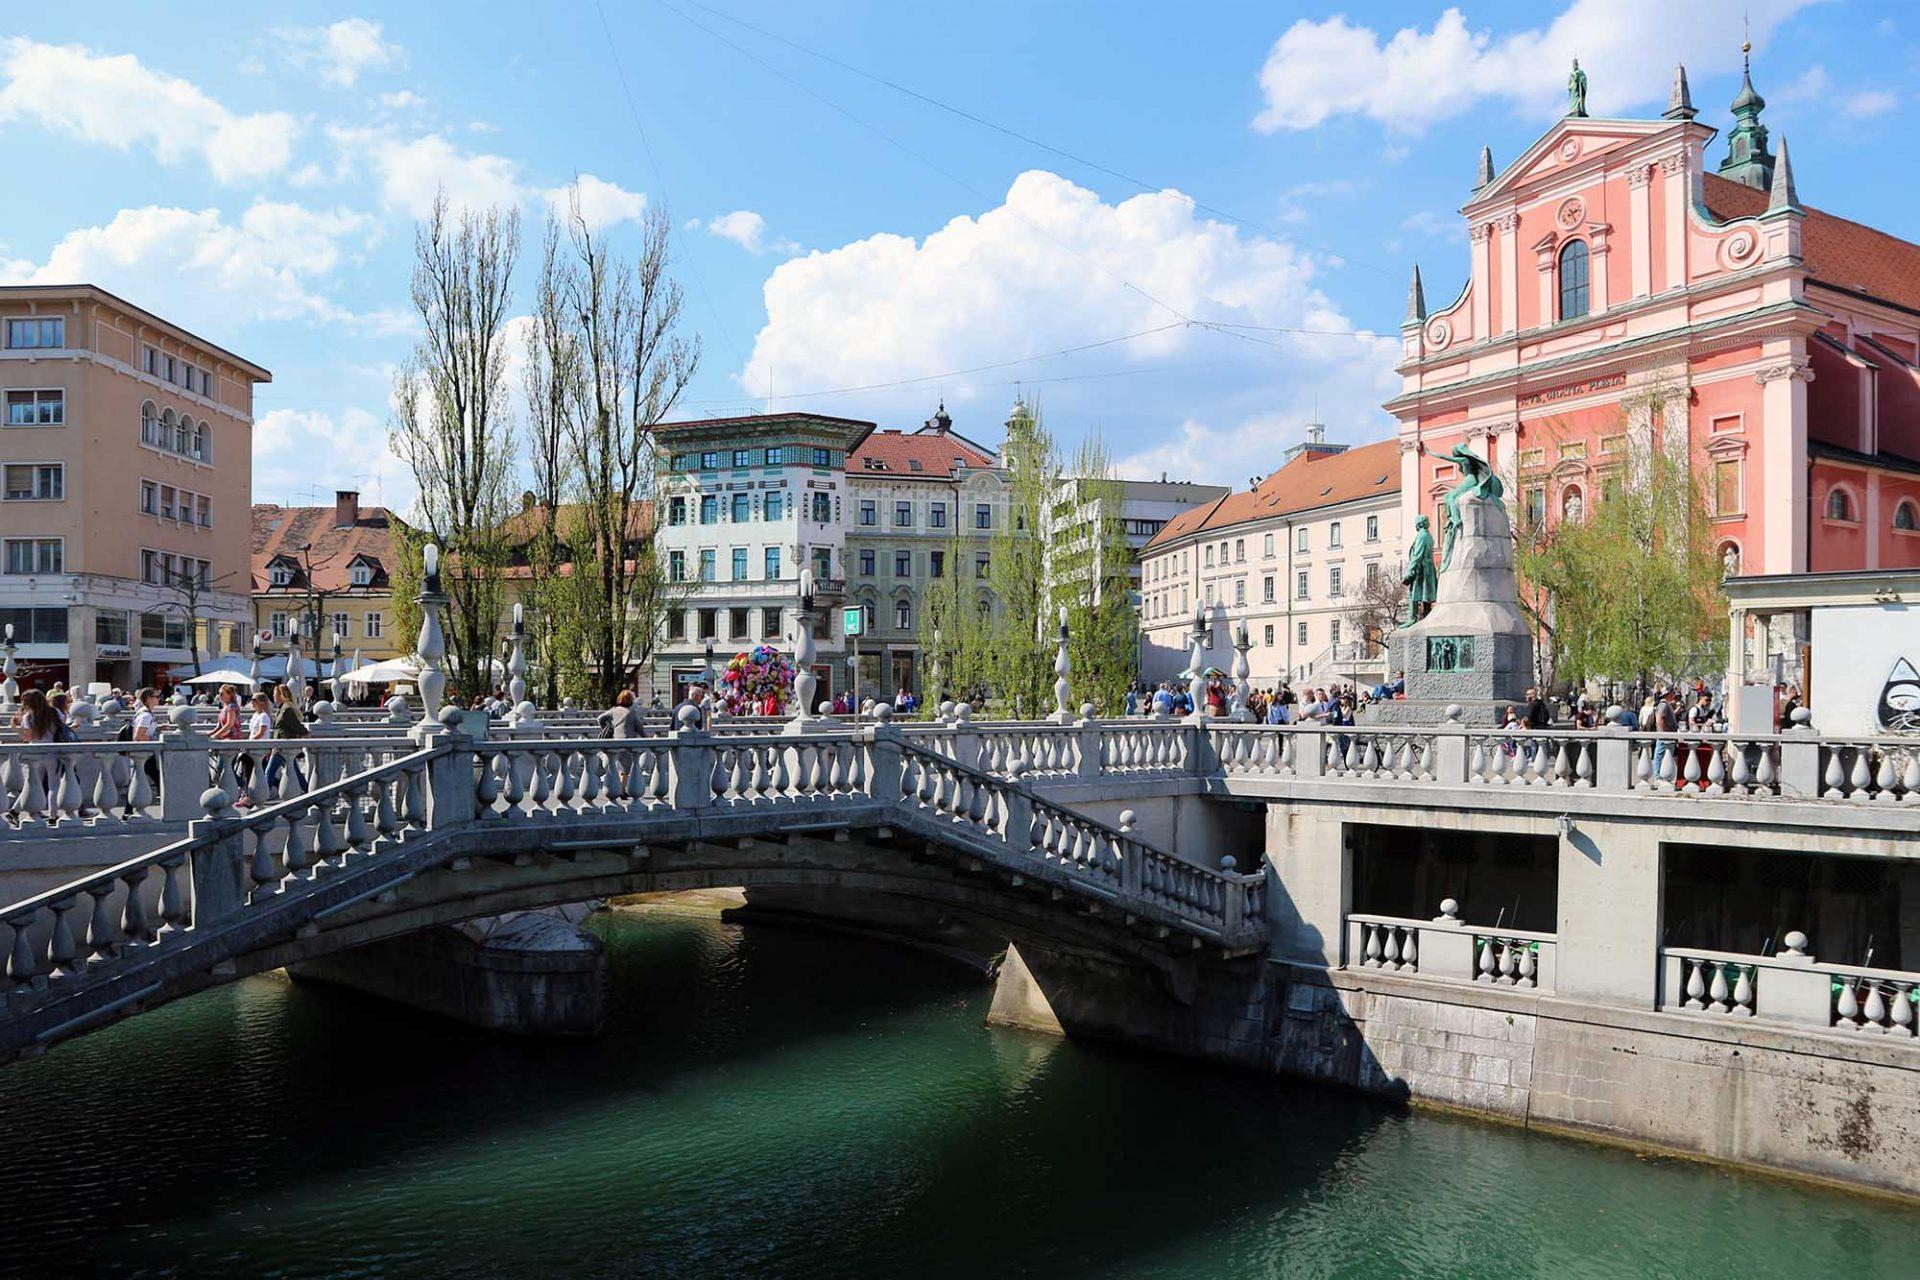 Dreibrücken. Das Brückenbauwerk wurde zwischen 1929 und 1932 errichtet. Der mittlere Teil basiert auf einer alten Steinbrücke aus dem 19. Jahrhundert. Plečnik fügte ihr zu jeder Seite zwei neue Brücken an, um den Prešerenplatz besser mit der Altstadt zu verbinden. Die Brücken selbst erhalten dadurch ihren besonderen Platzcharakter. Treppen führen zu beiden Seiten hinunter zu den Uferkanten. Plečnik hatte sich durch die Brückenbauten Venedigs inspirieren lassen. Zu allen Seiten eröffnen sich Ein-, Aus- und Durchblicke in die Stadt und auf den Strom.